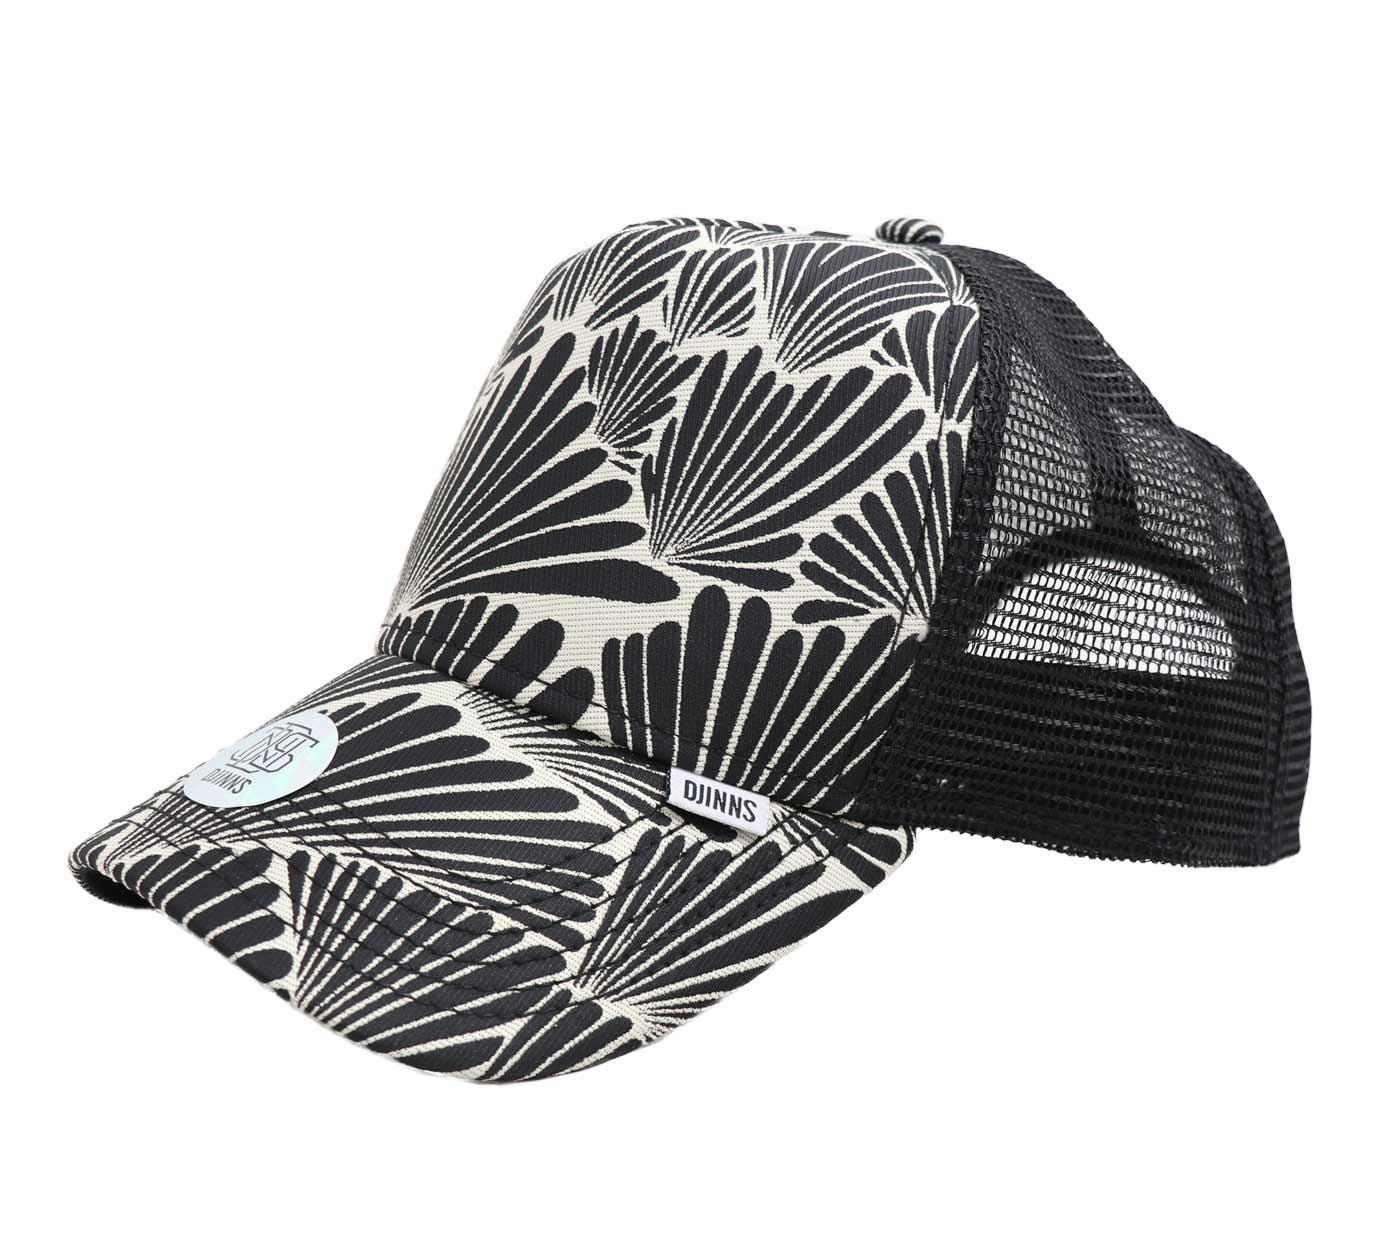 b40a8b6f723 WLU Shed - Caps Djinn's